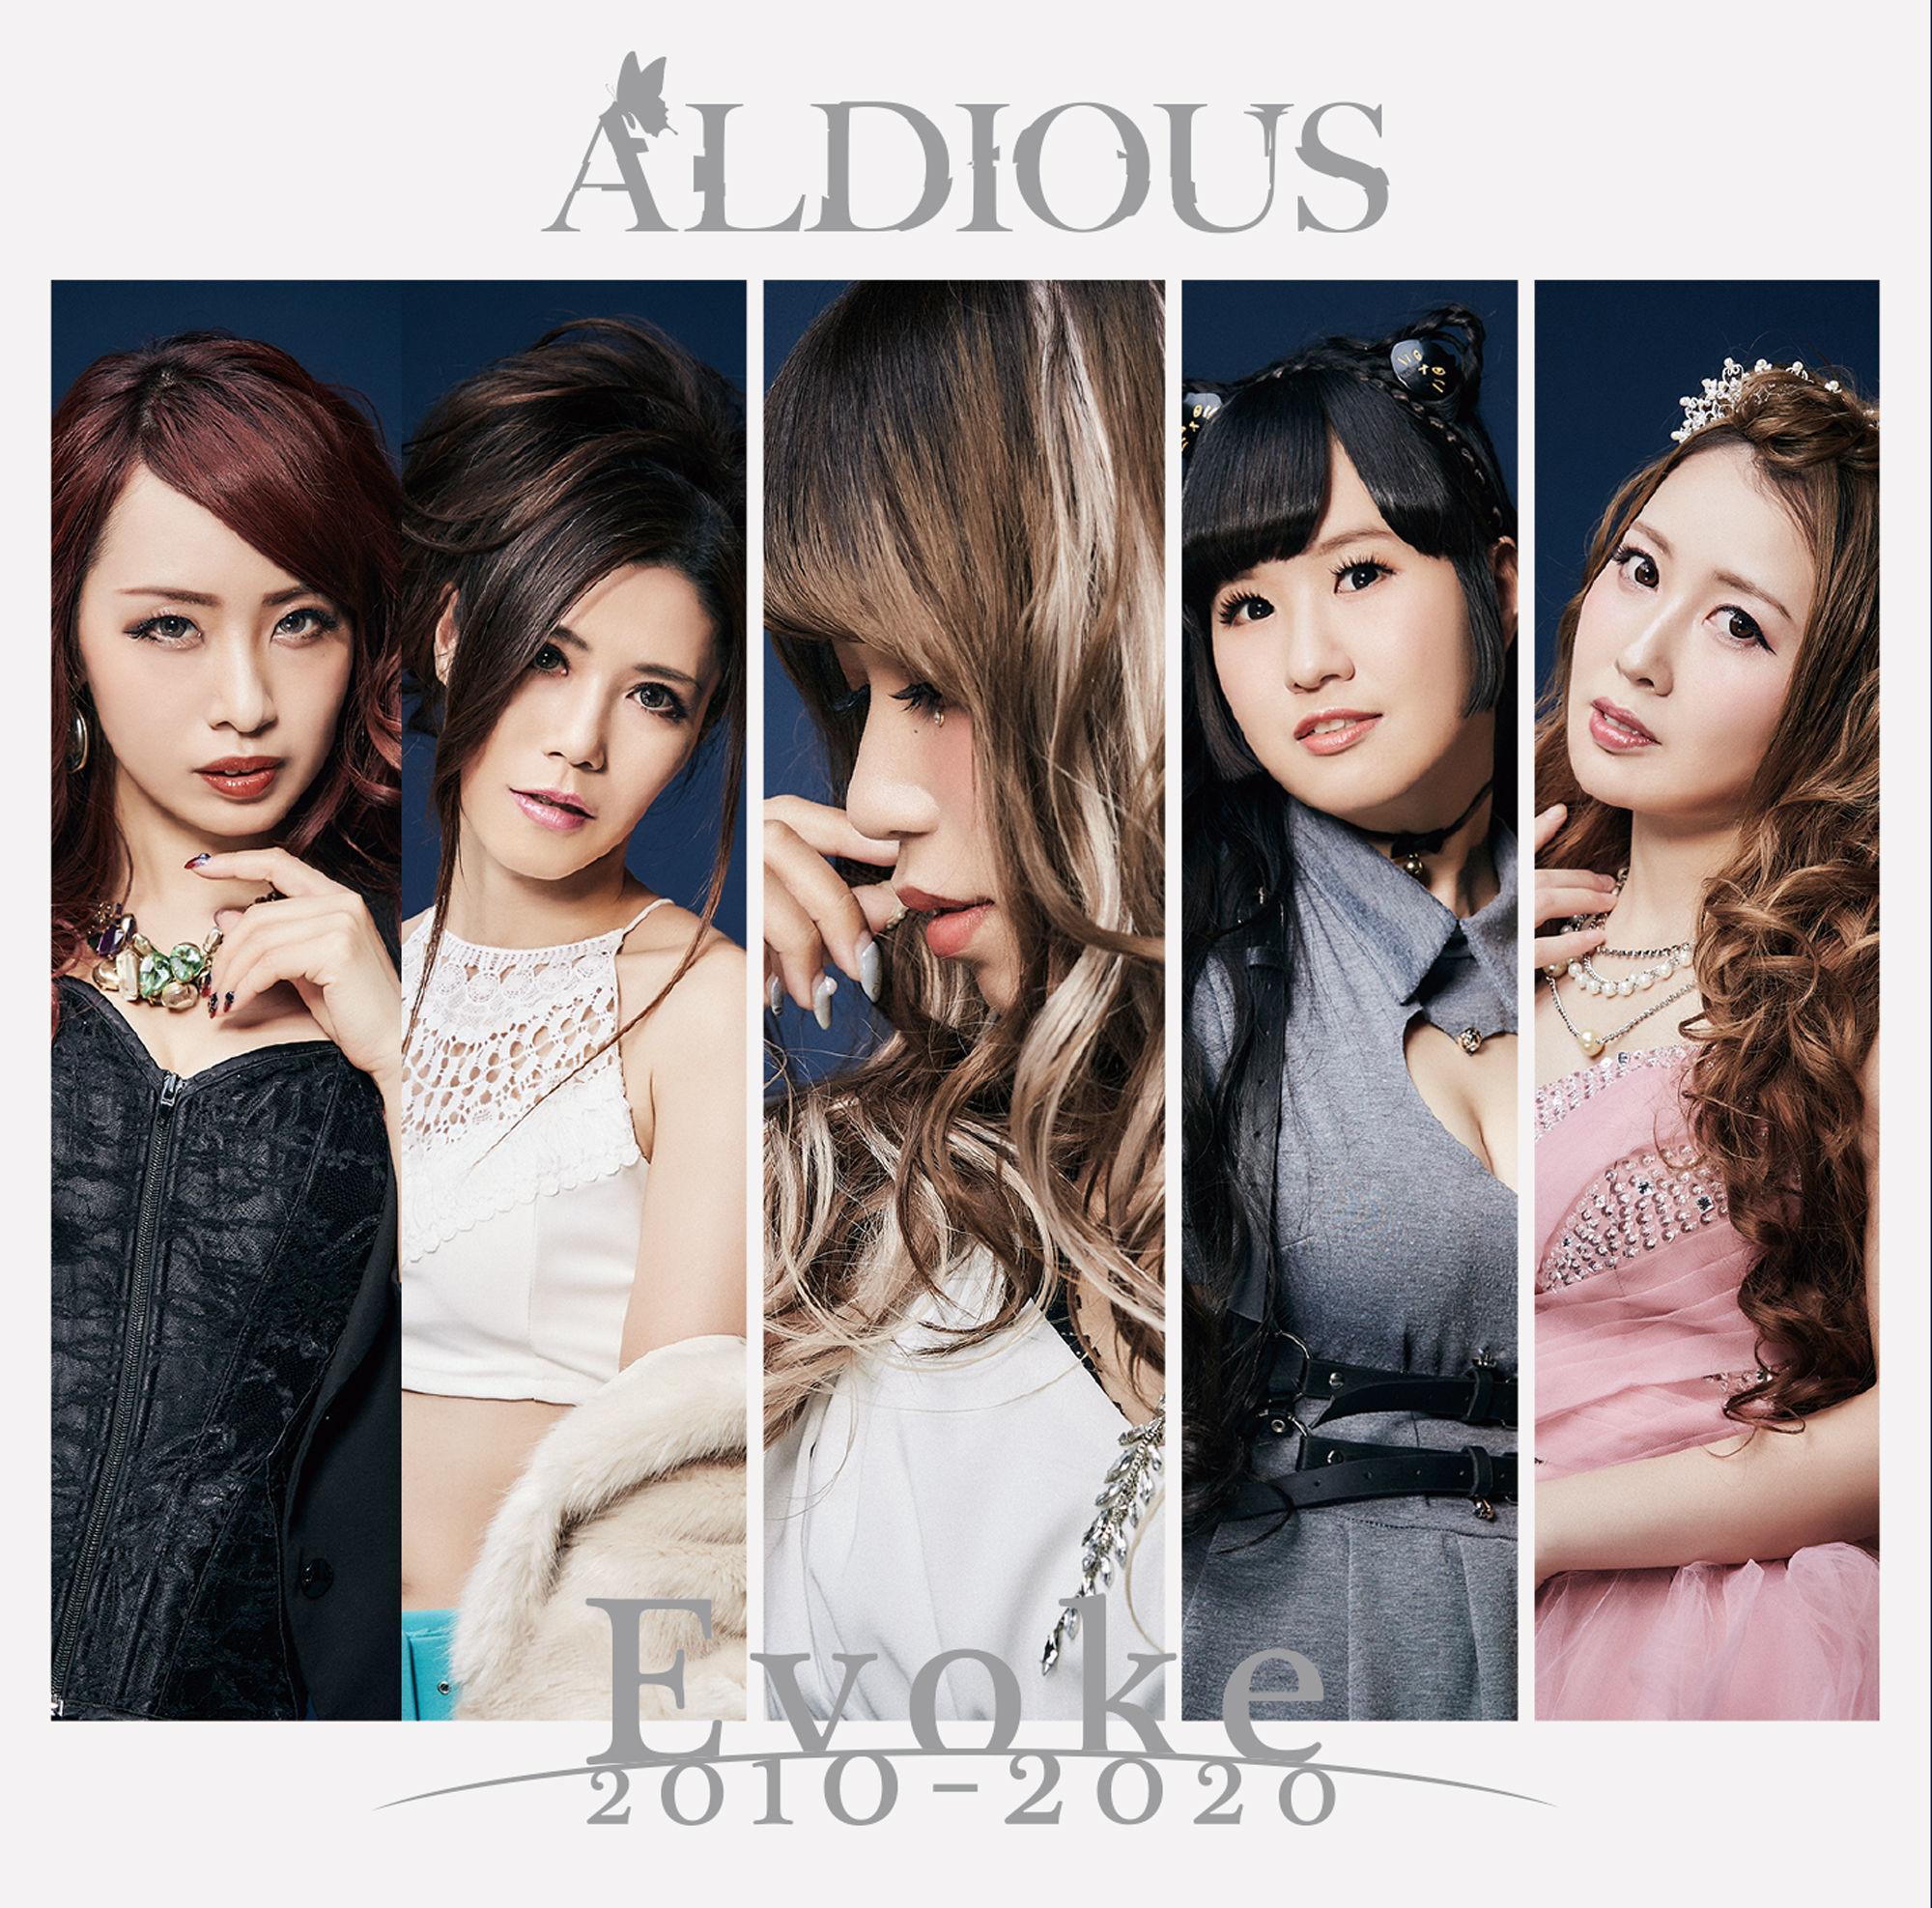 【35パーセントOFF】Aldious 7thアルバム『Evoke 2010-2020』通常盤(CD)